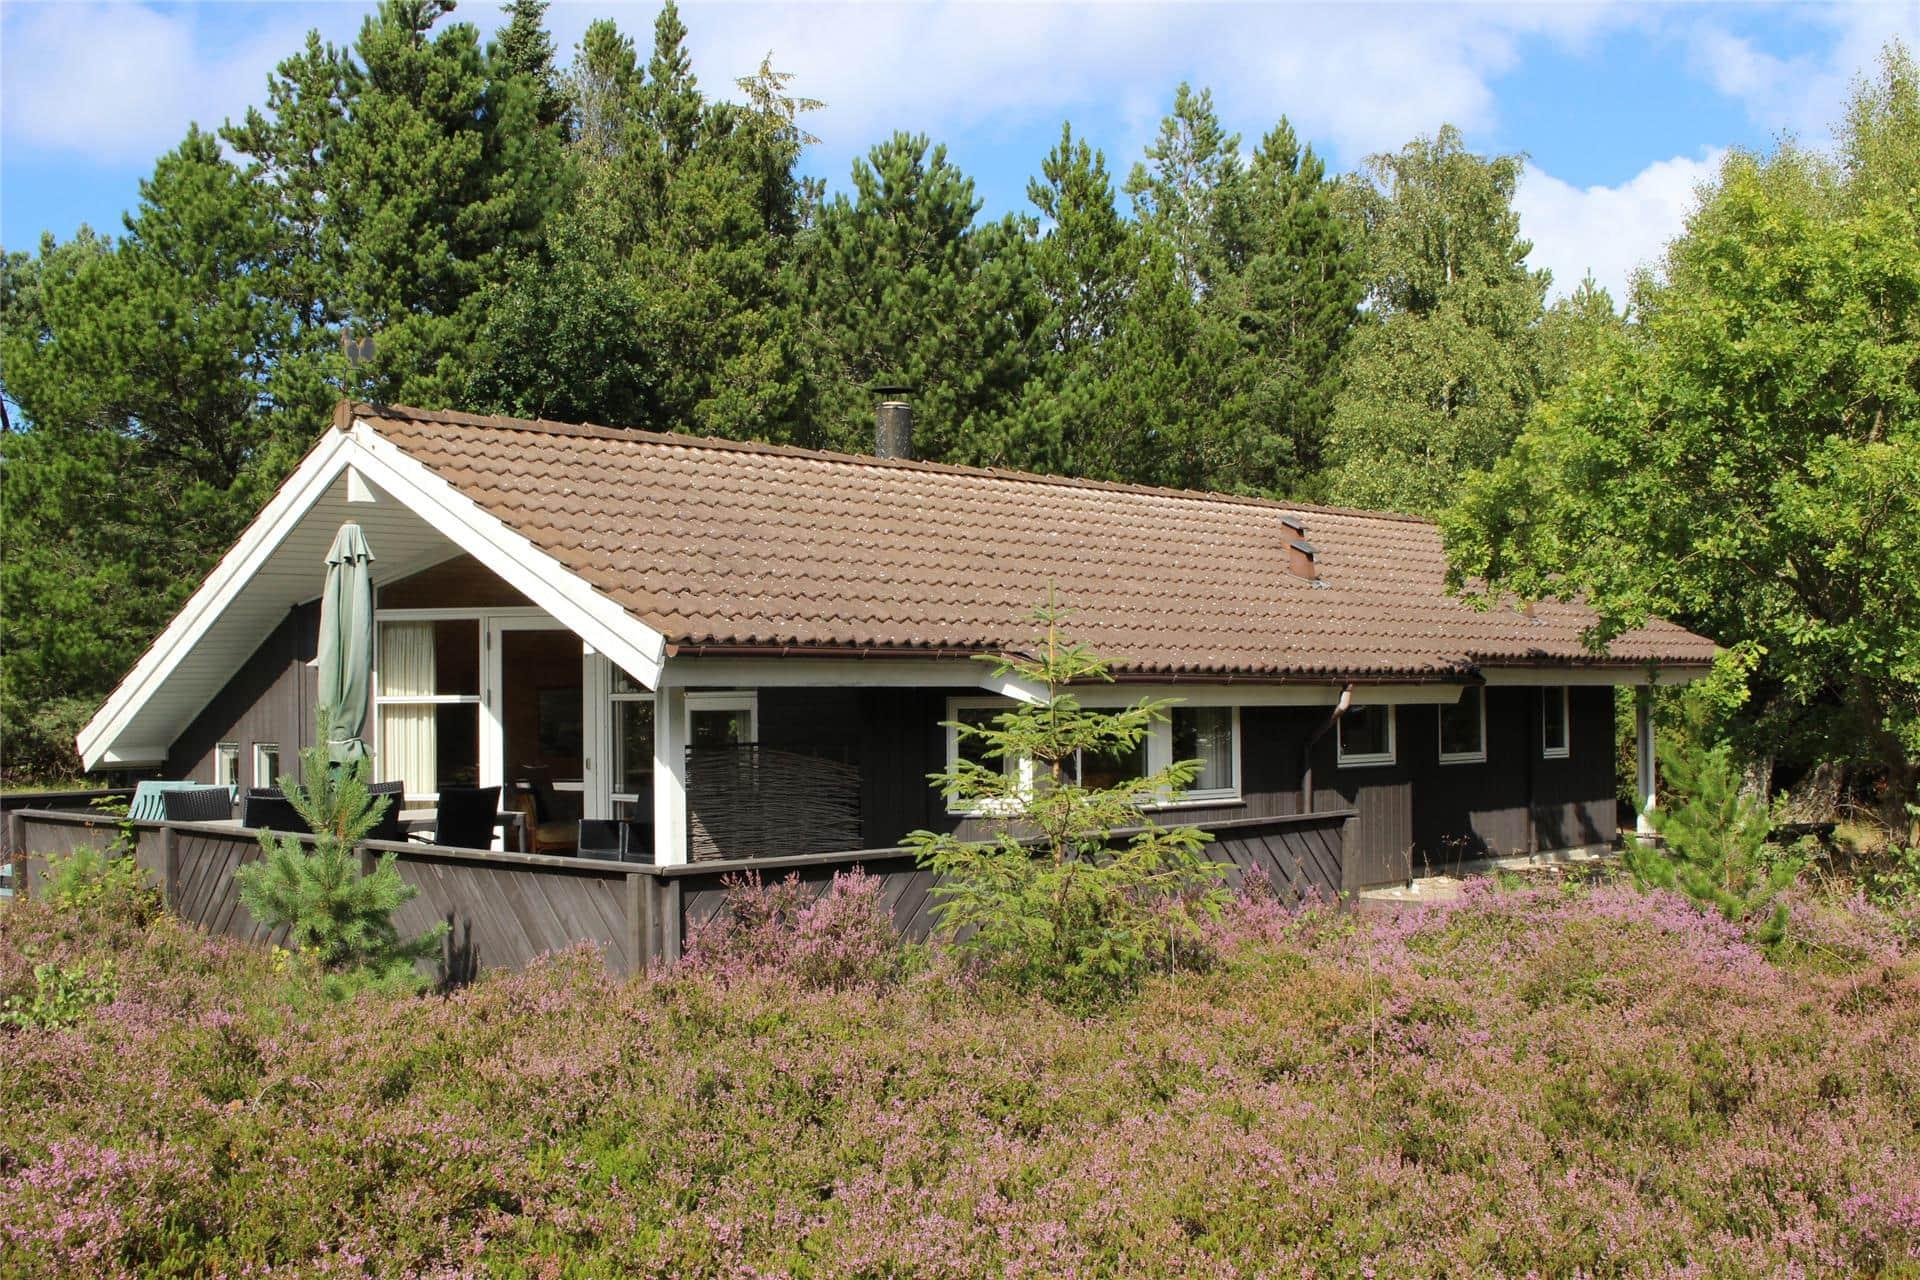 Billede 1-17 Sommerhus 10068, Skanse Tværvej 21, DK - 4581 Rørvig